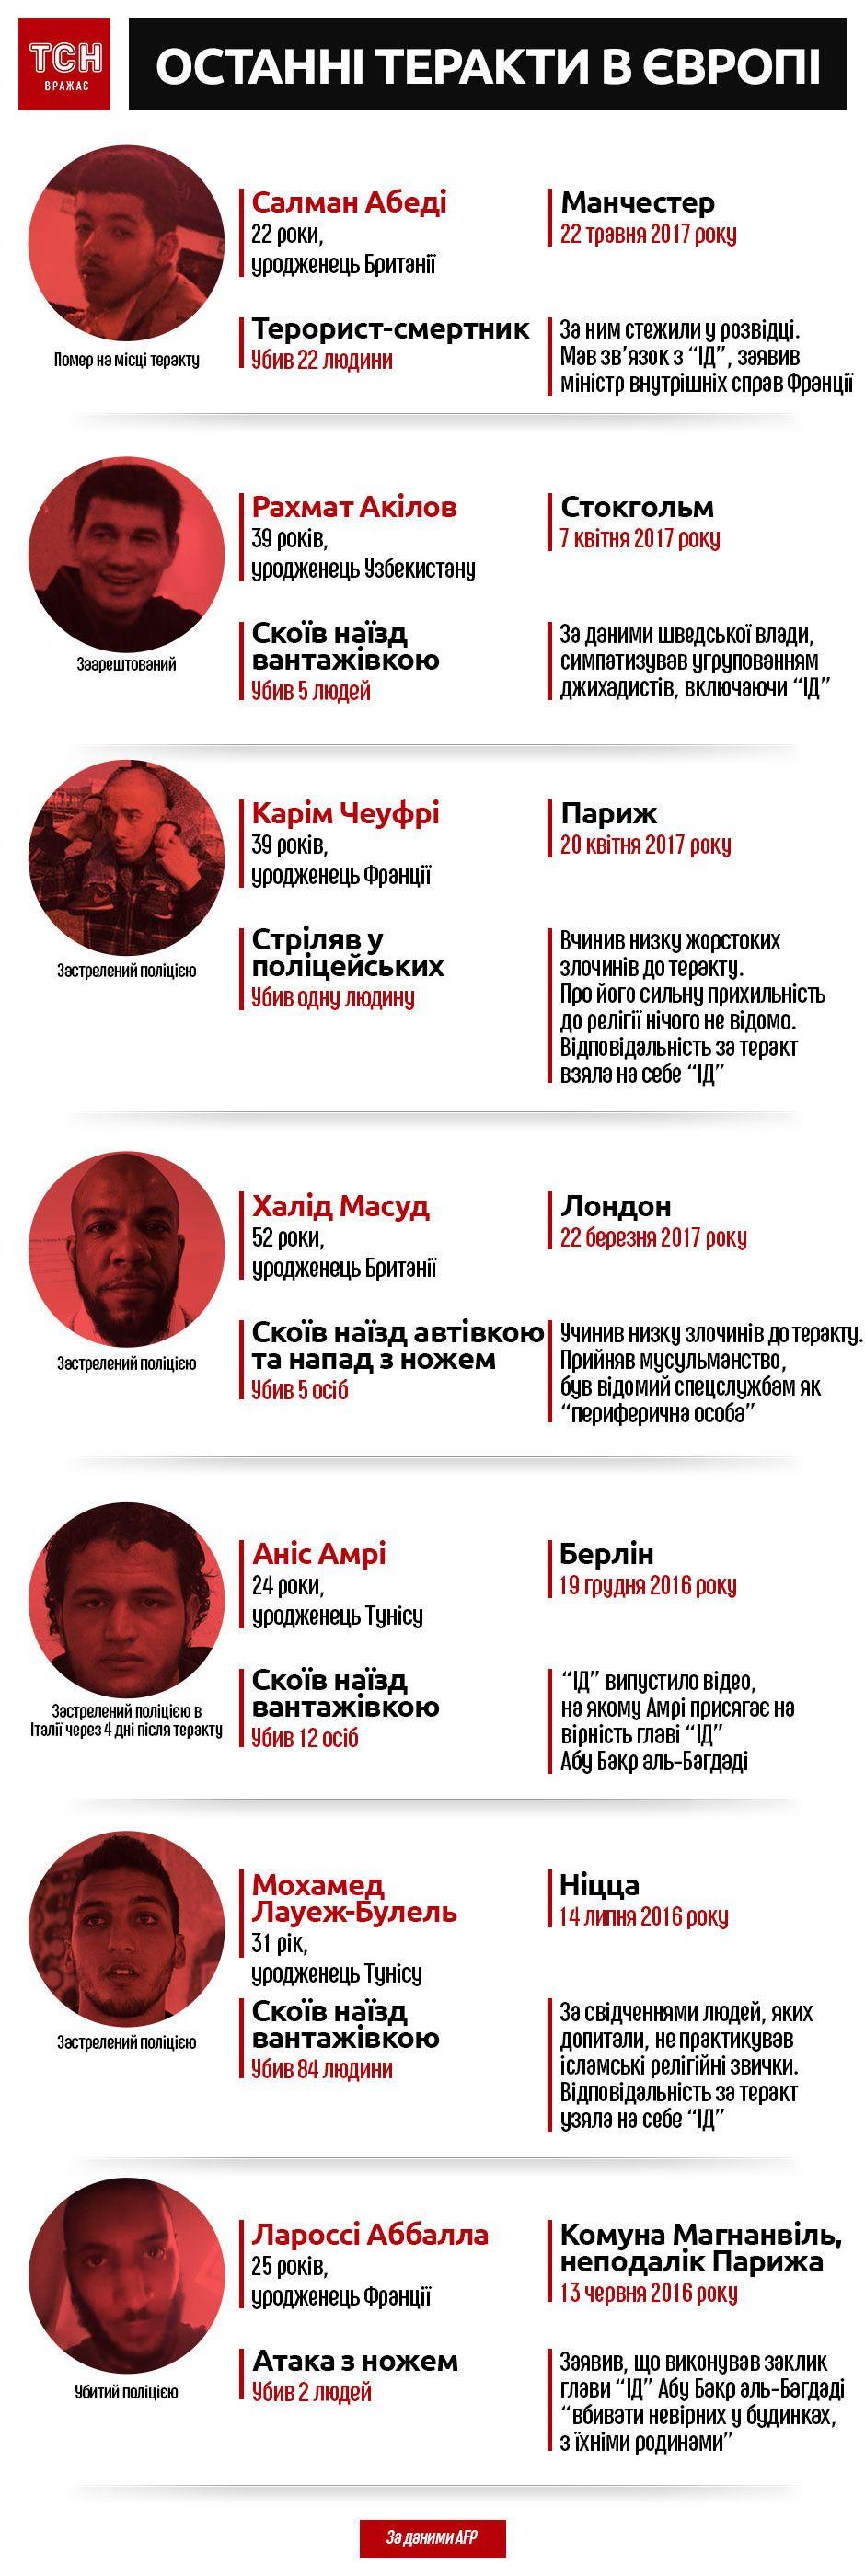 Виконавці останніх терактів в Європі, інфографіка